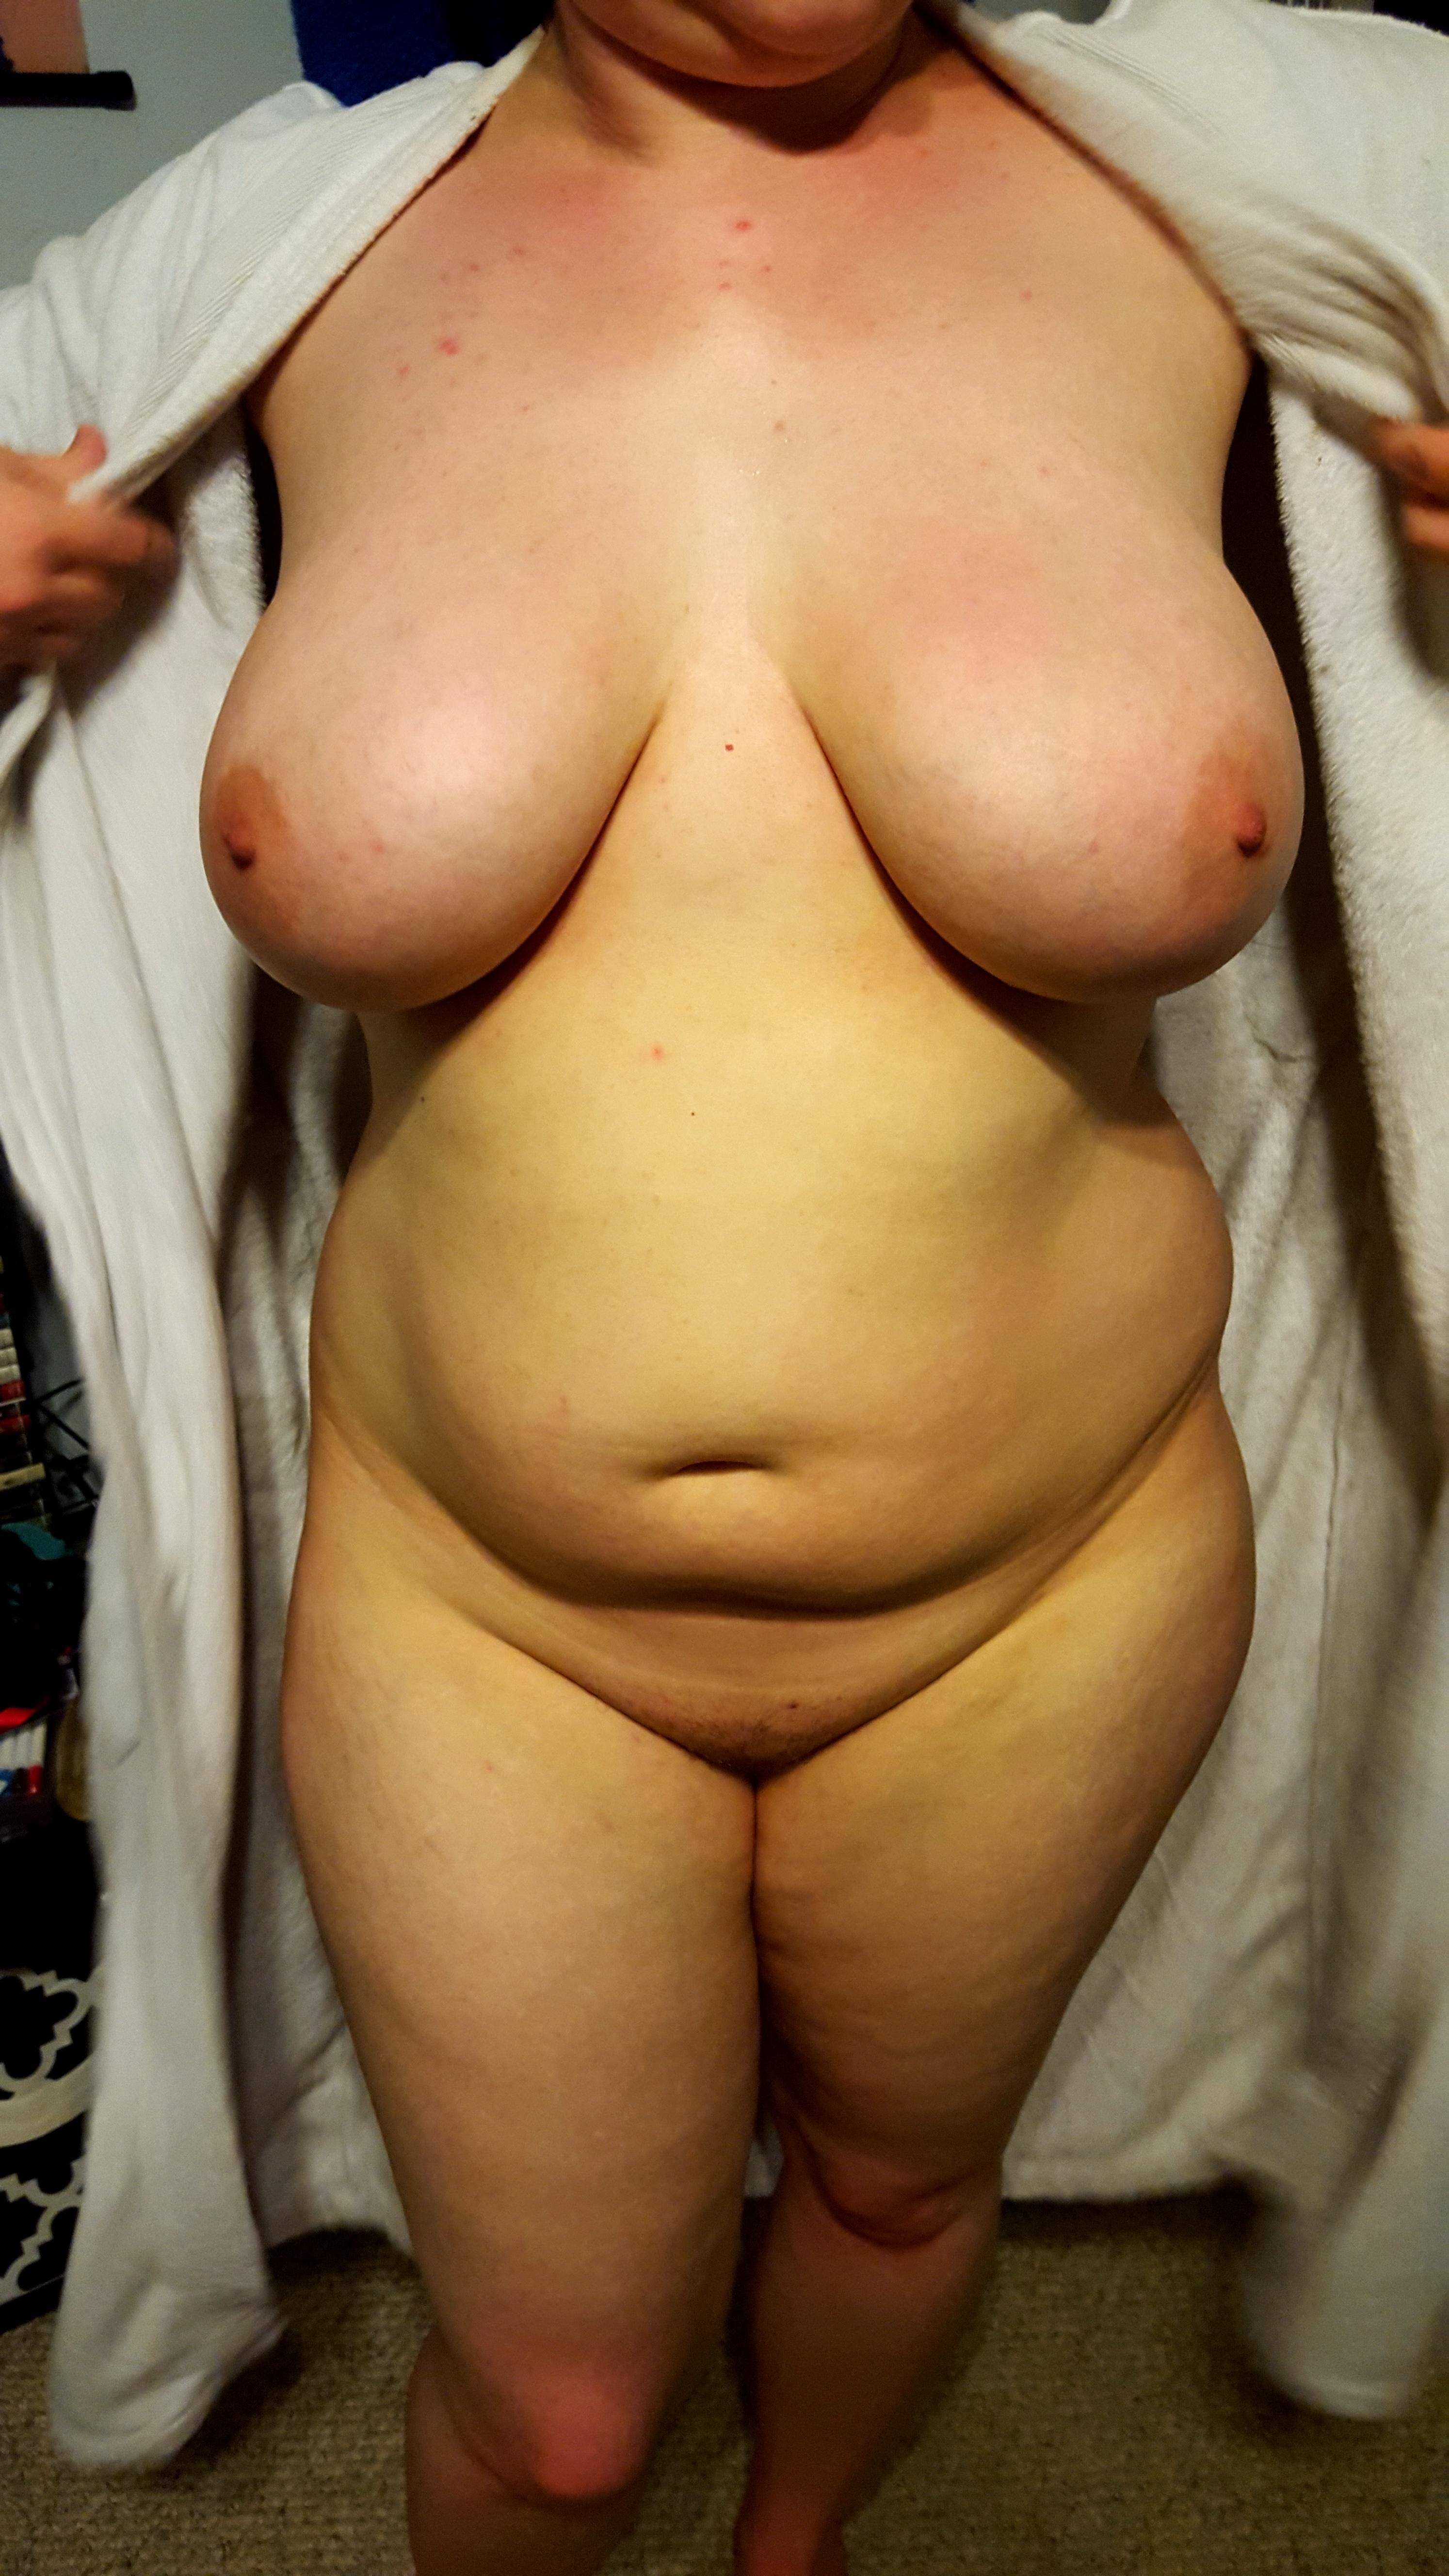 Полные дамы оголились перед камерами любовников 3 фото